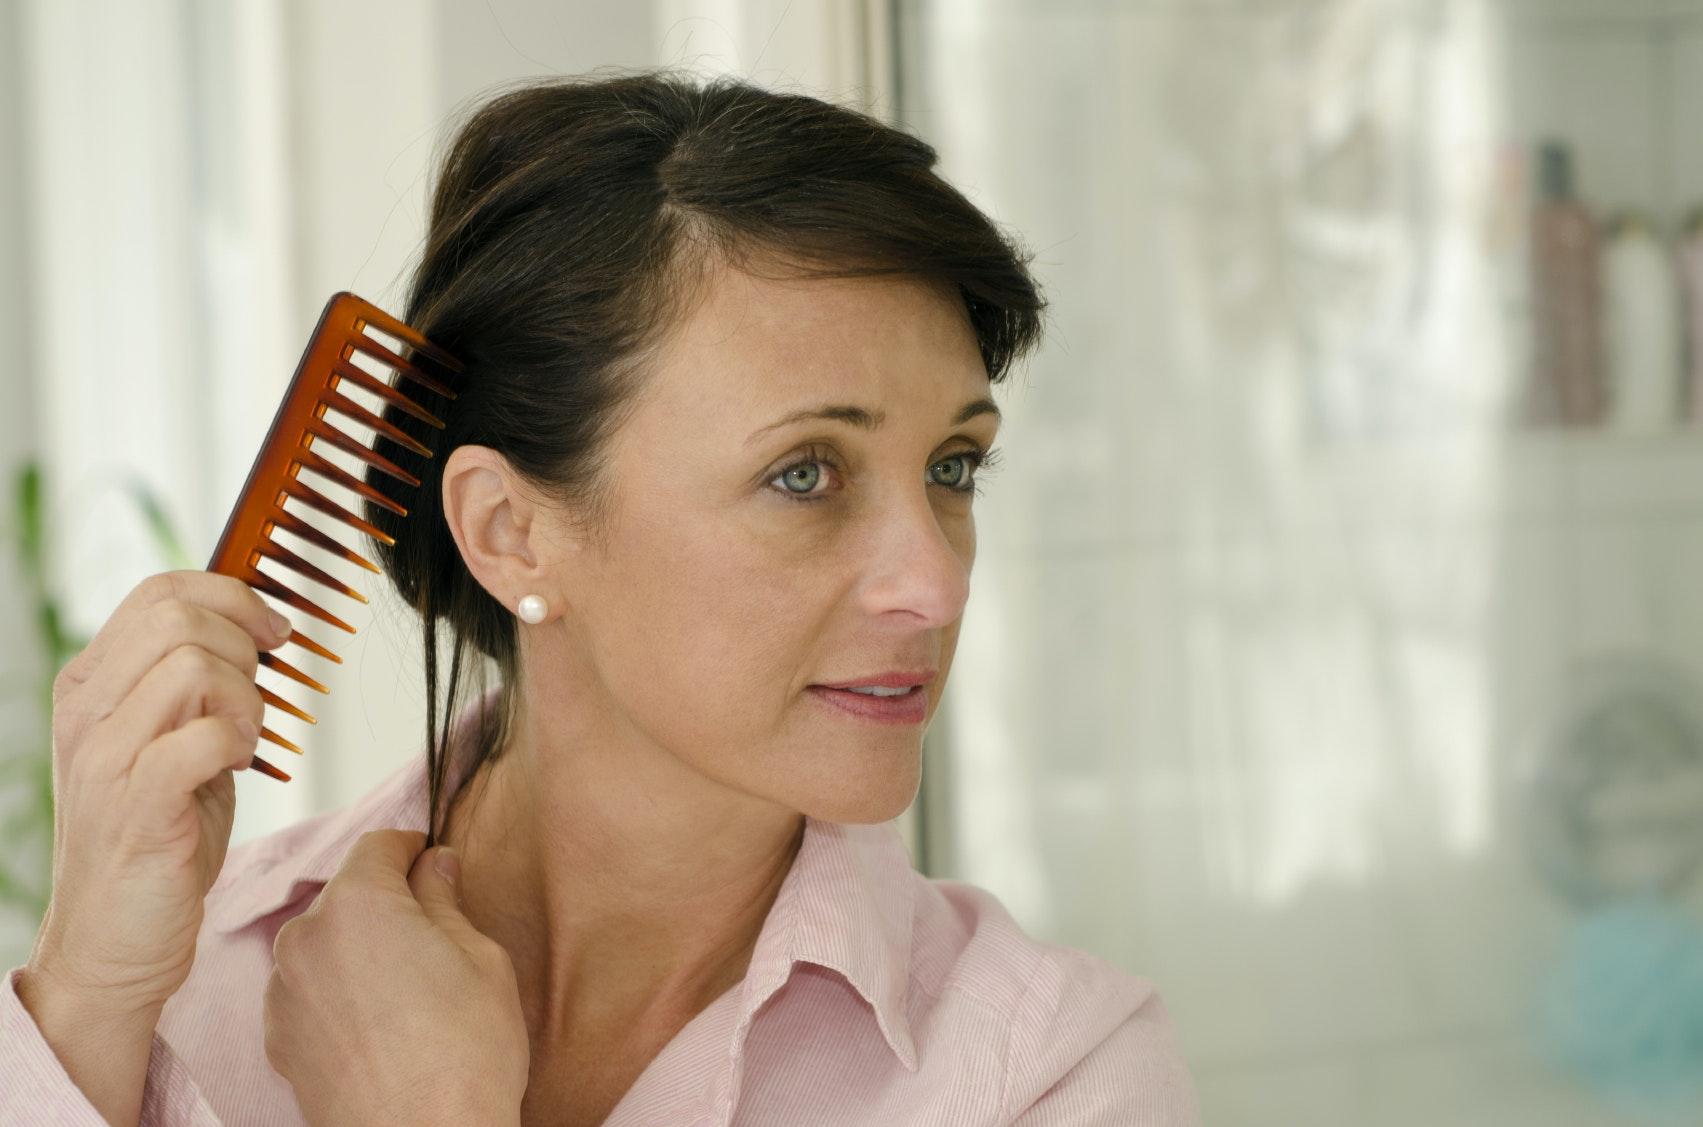 que faire contre chute de cheveux femme